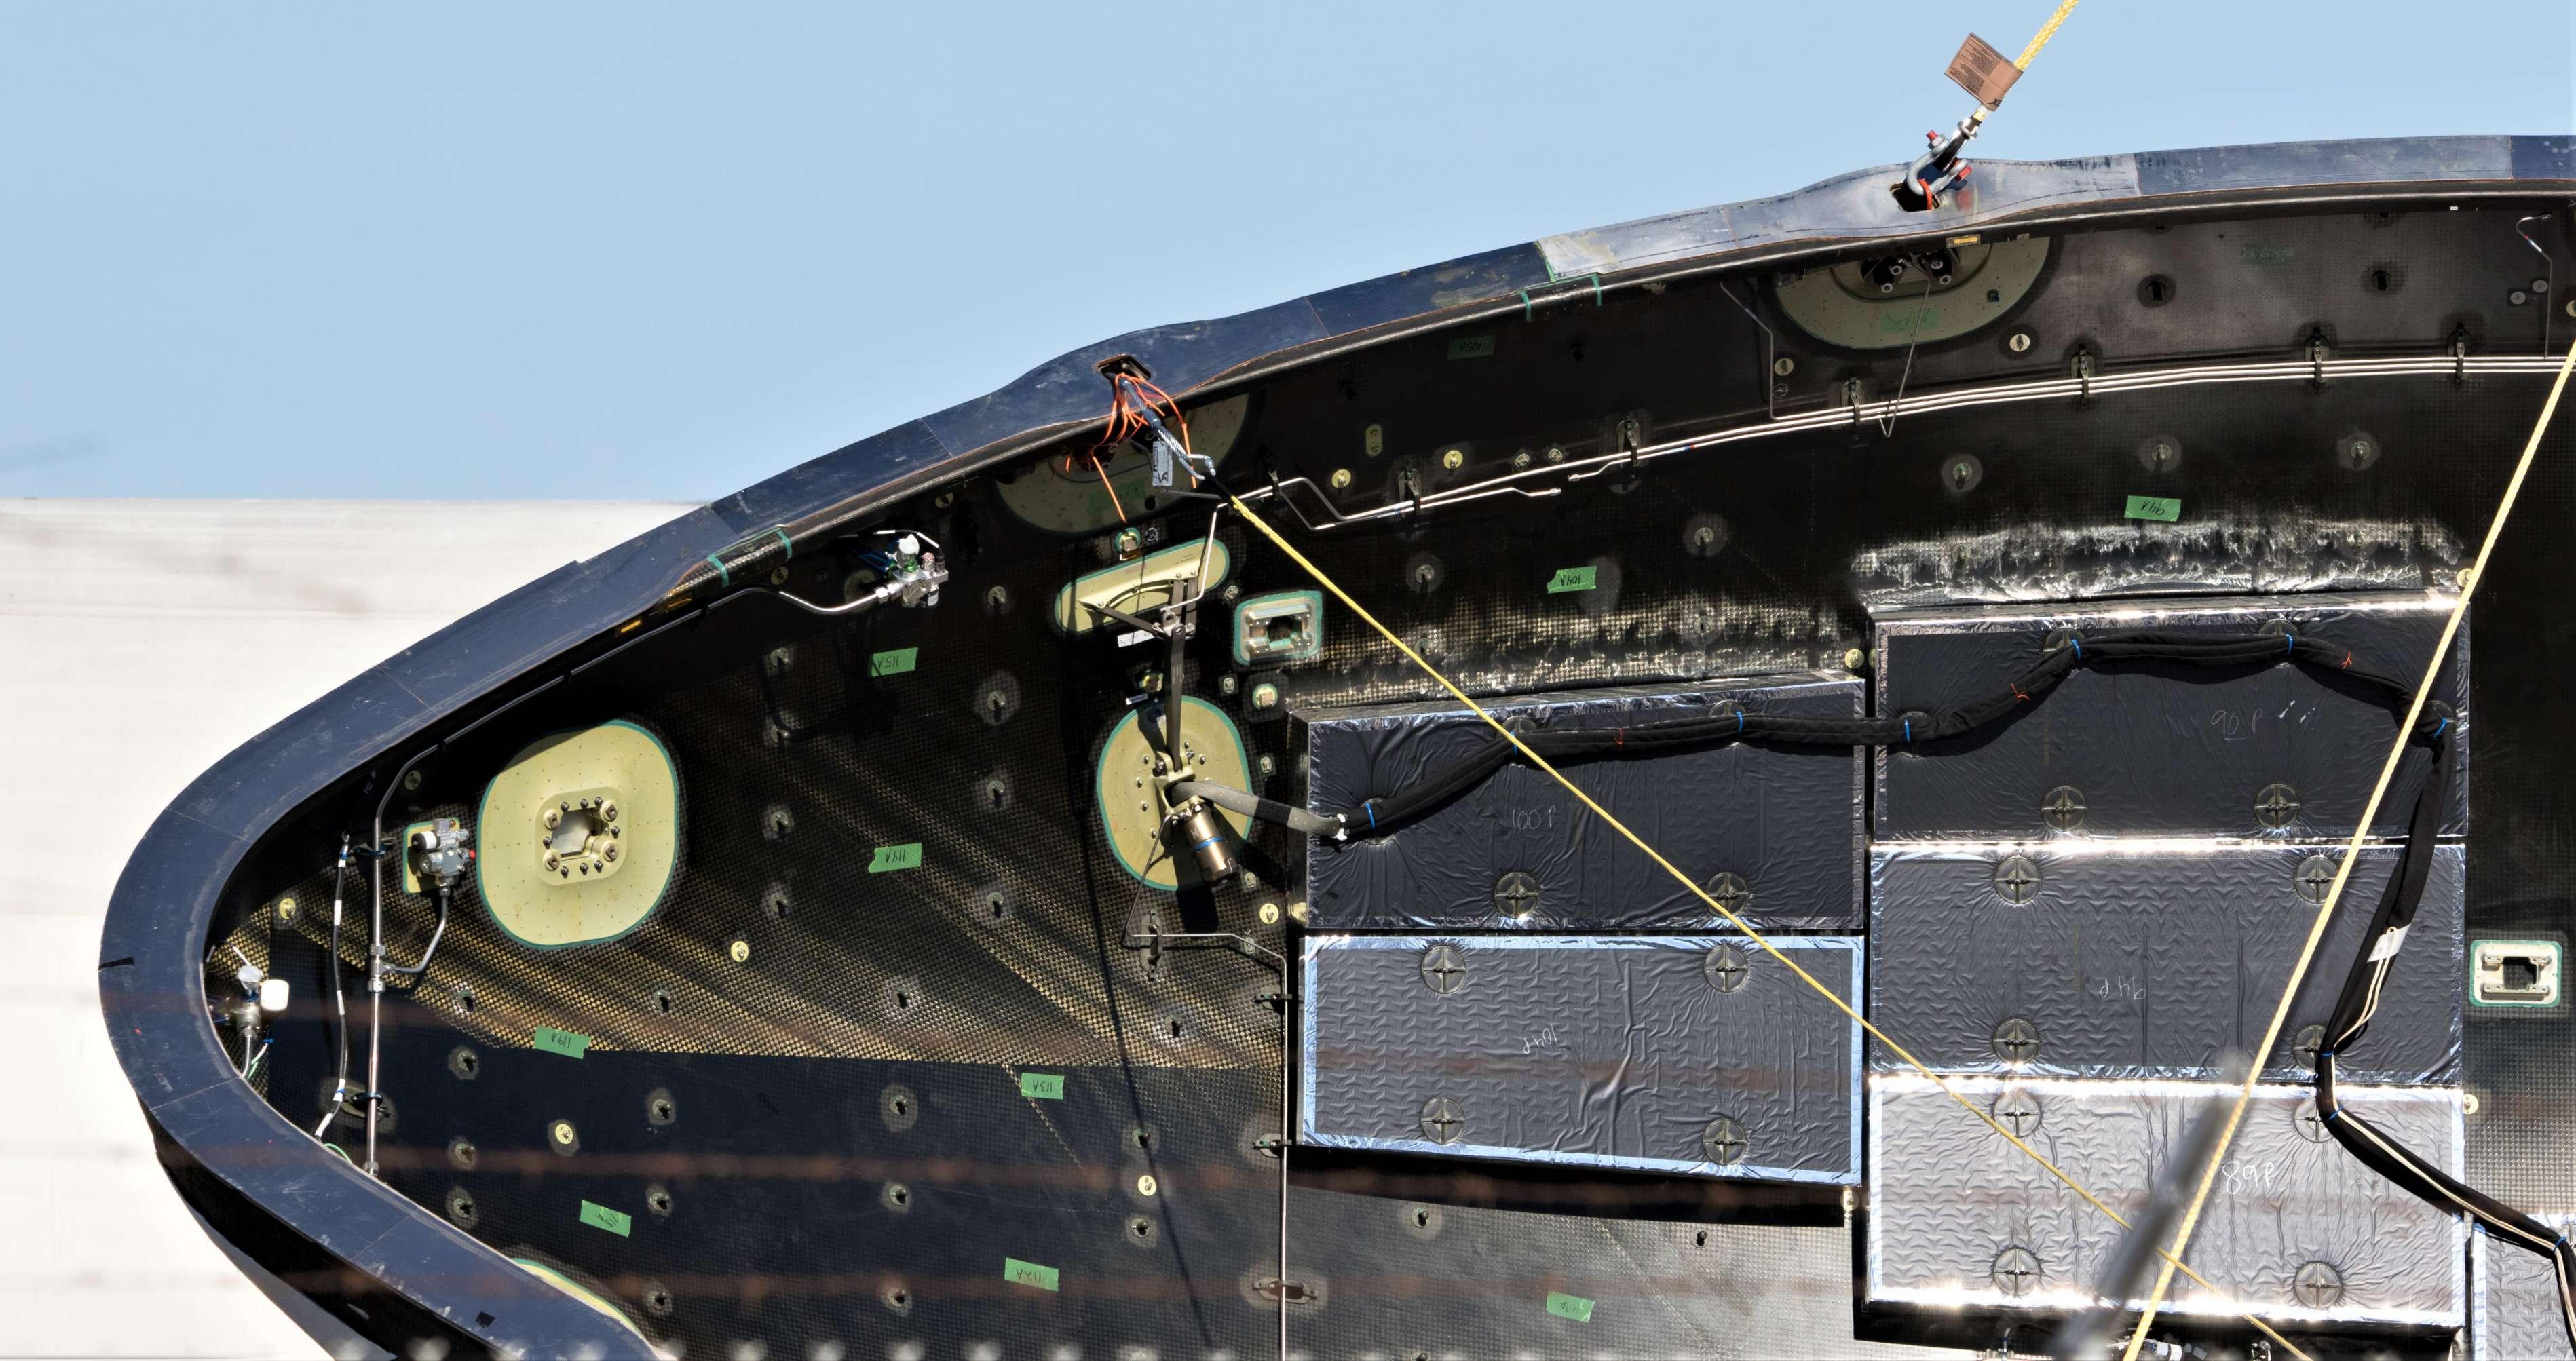 Falcon fairing drop test prep 100418 (Pauline Acalin) 25(c)